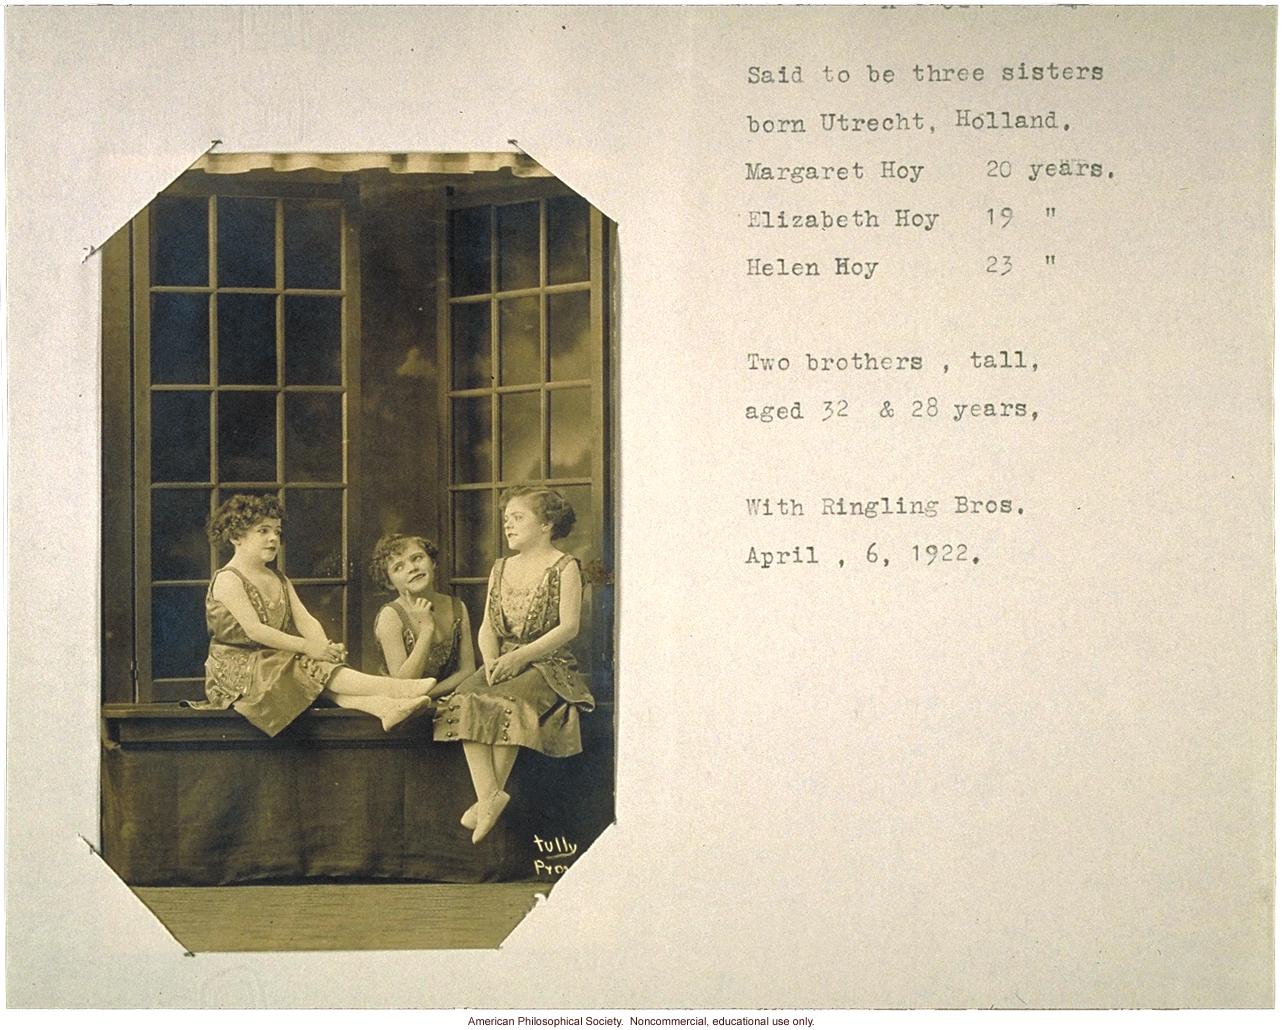 Three dwarf sisters